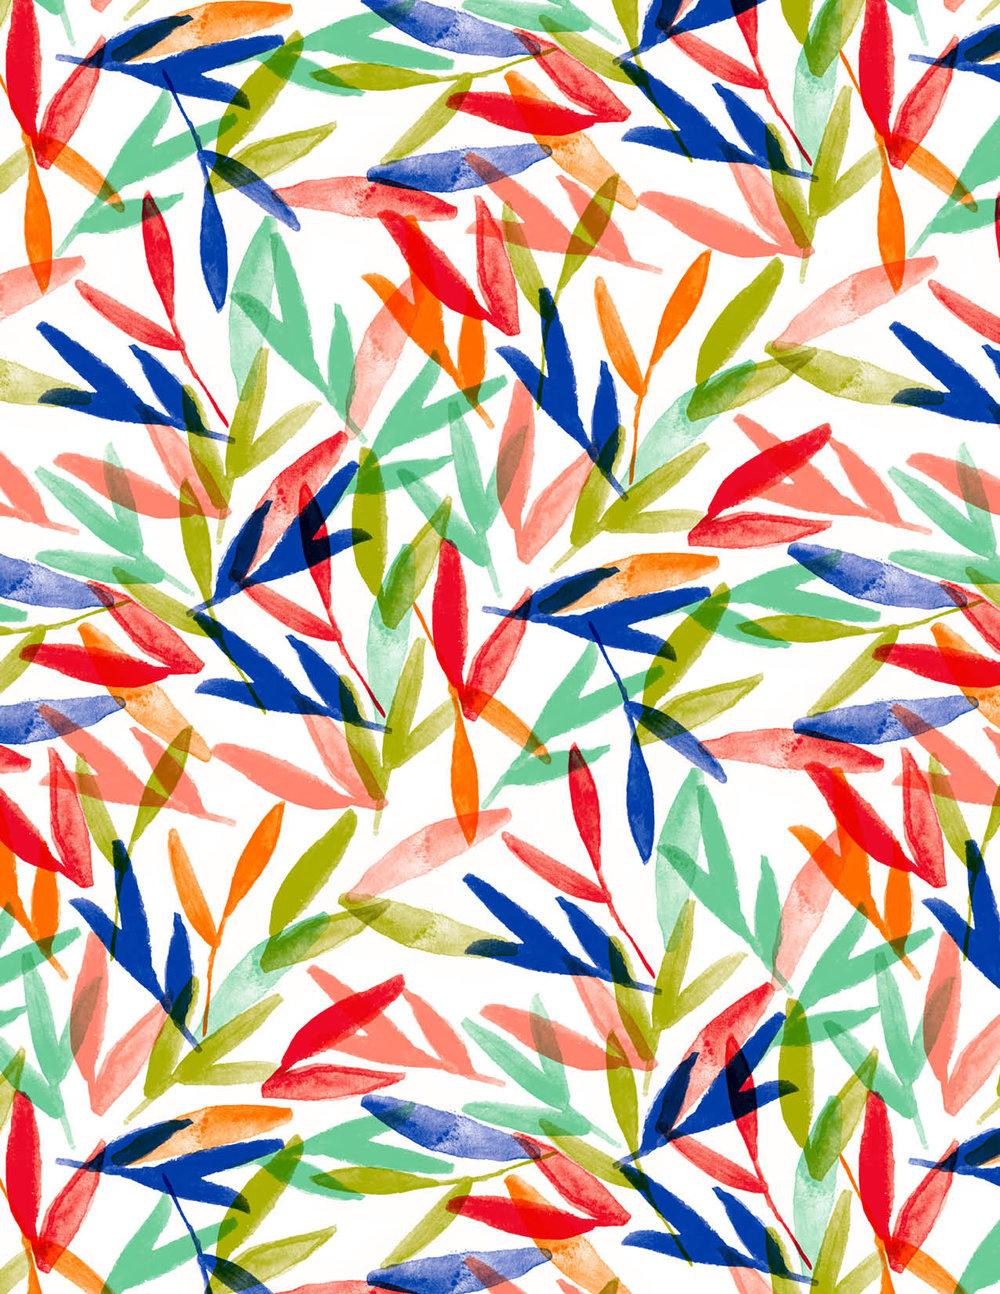 jessbruggink_pattern17.jpg